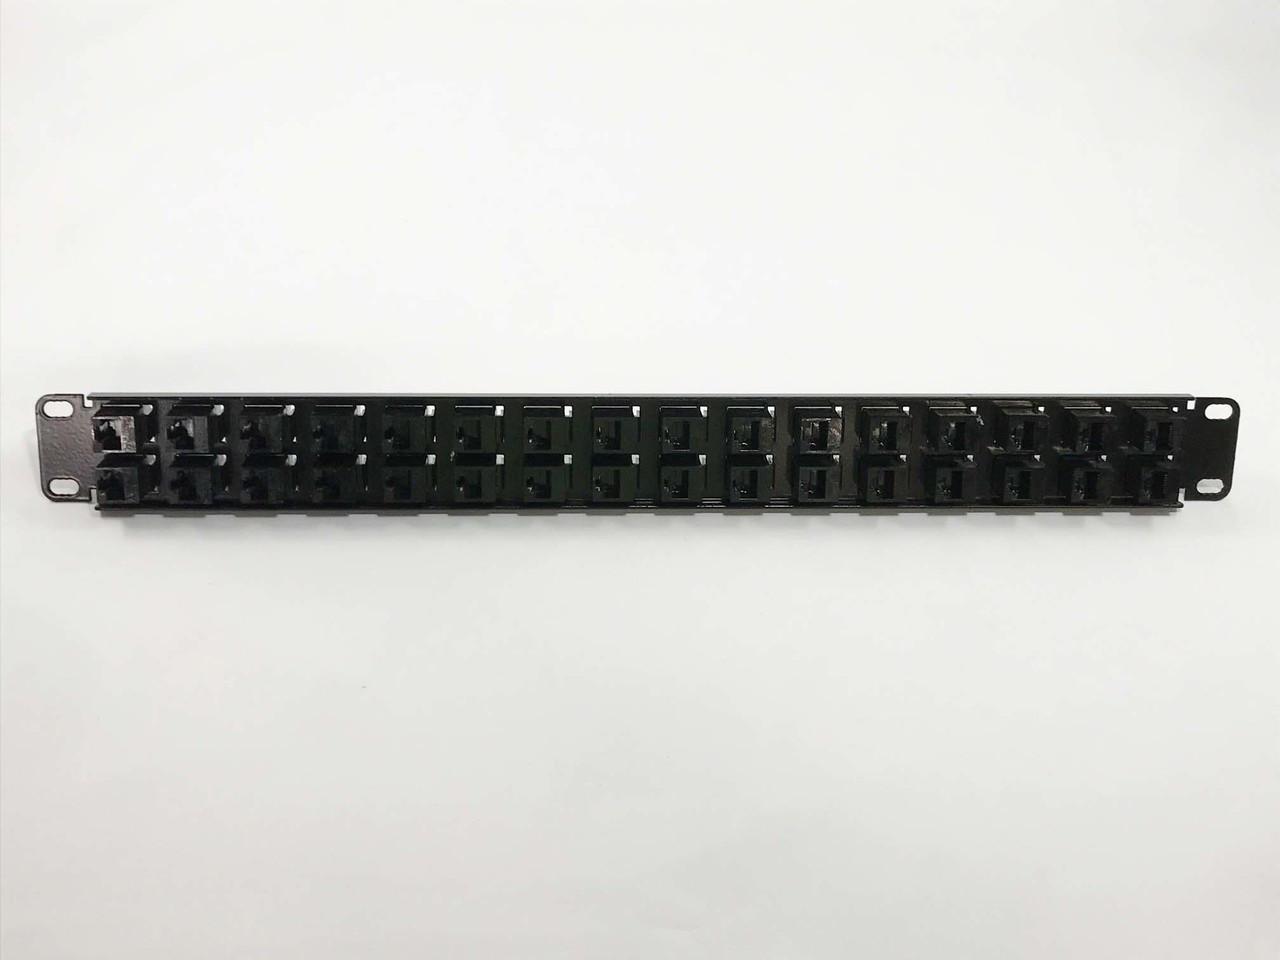 CAT6 32-Port High Density Patch Panel 1 Rack Unit 19